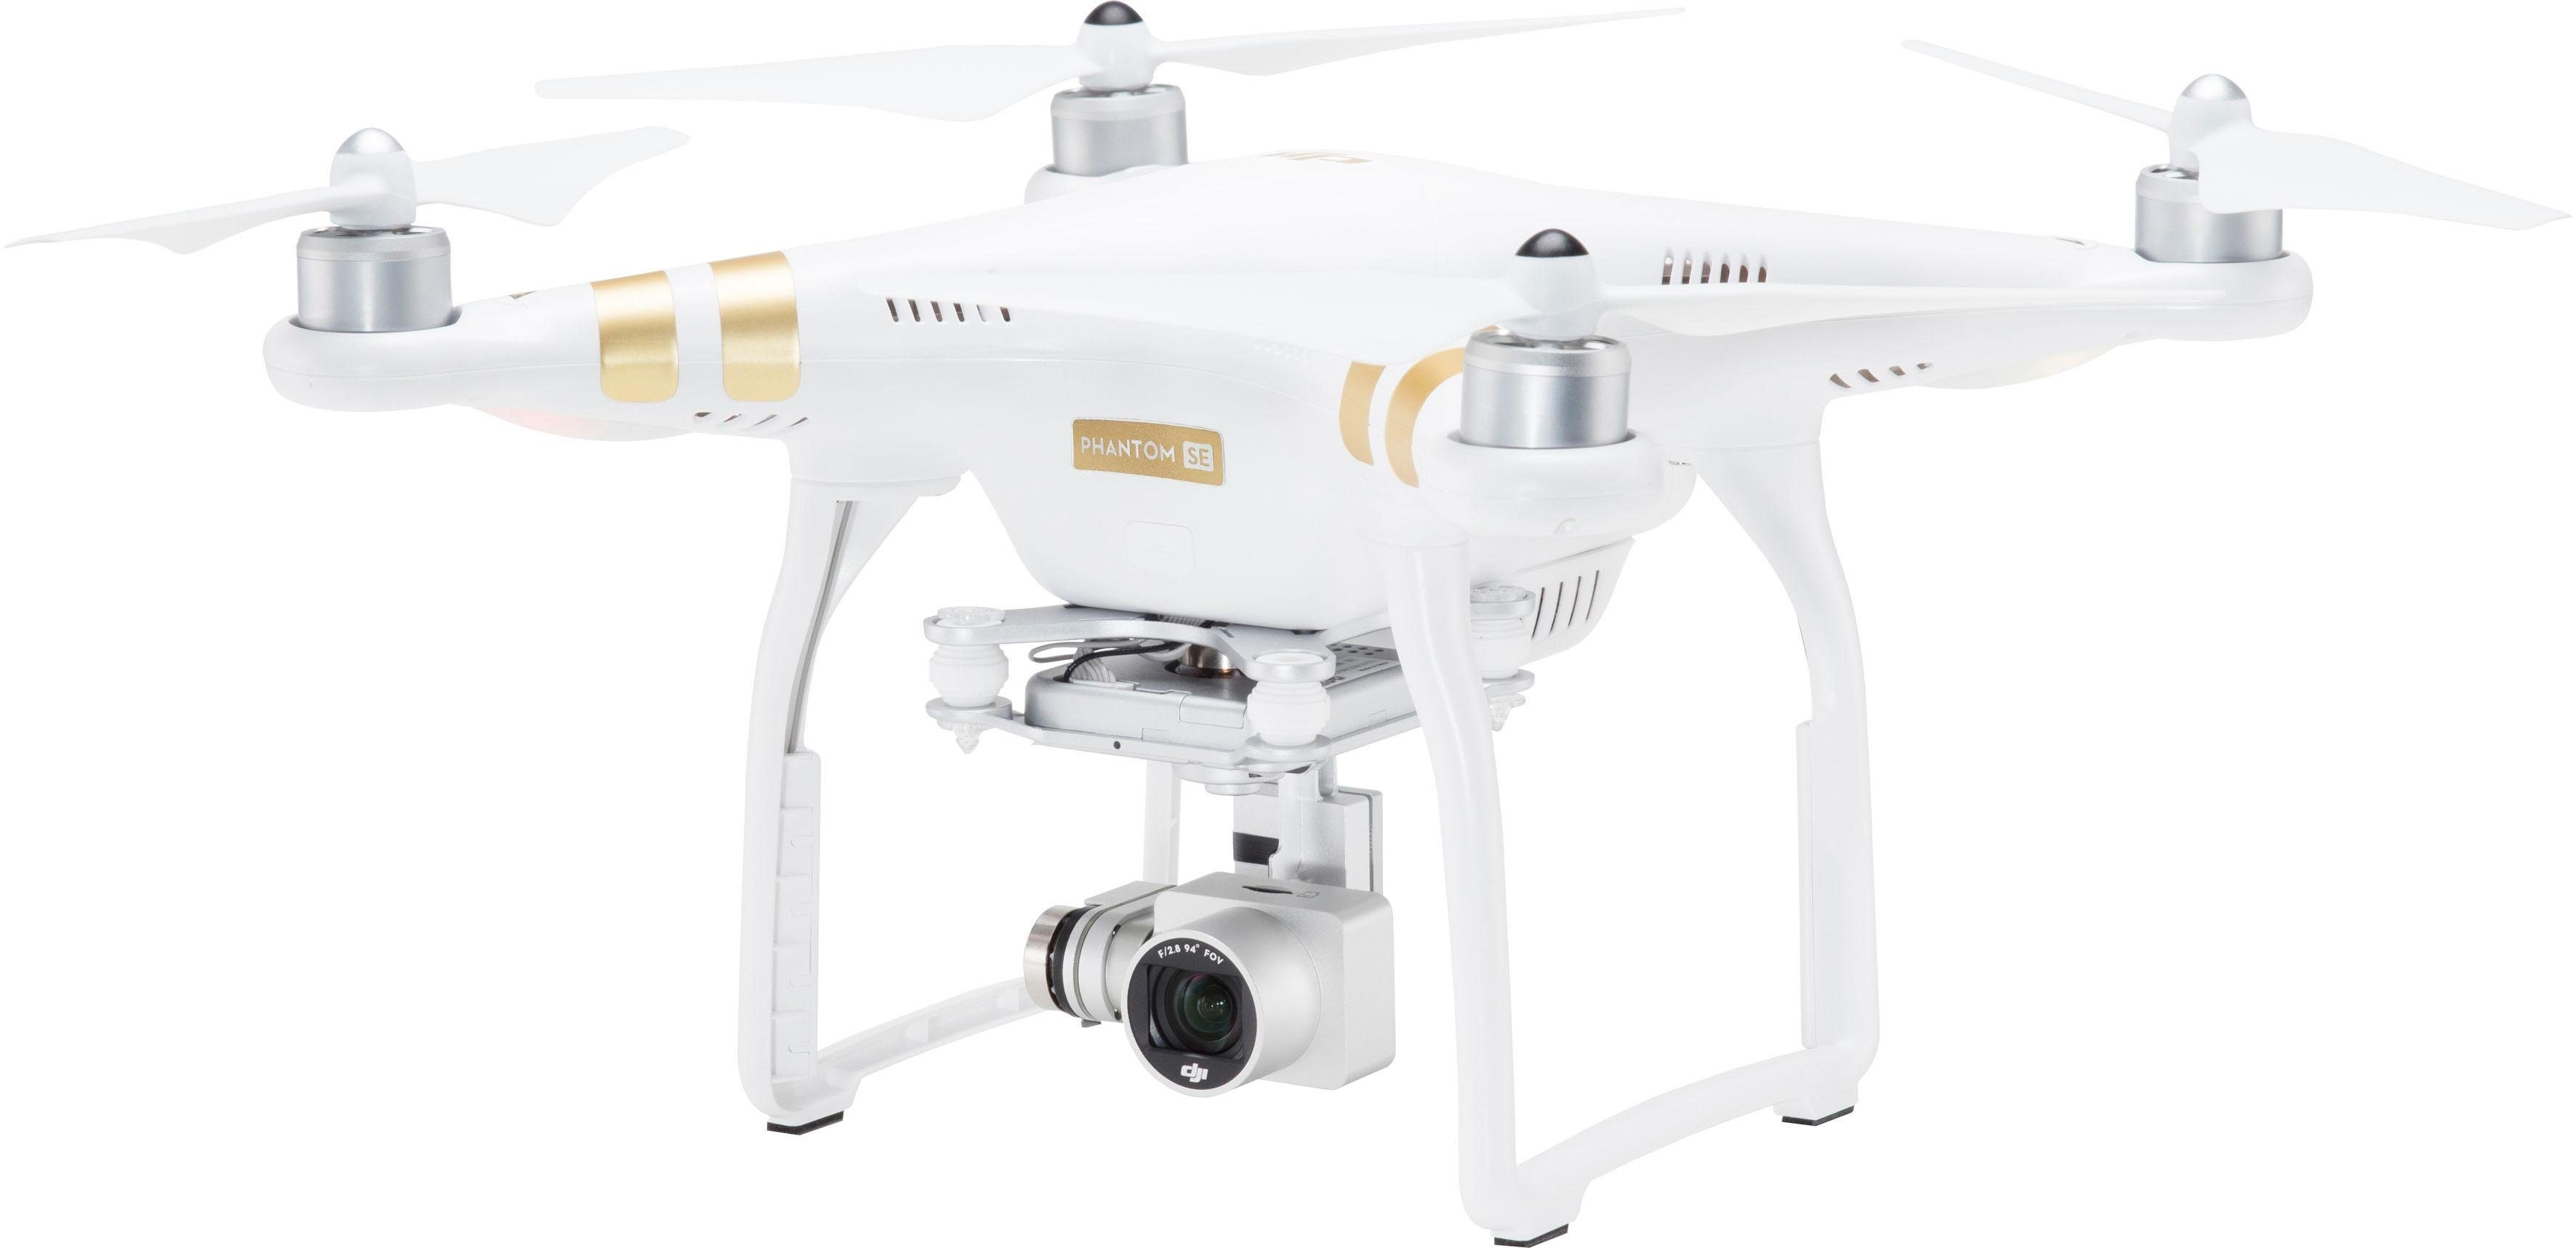 dji Drohne »DJI Phantom 3 SE«